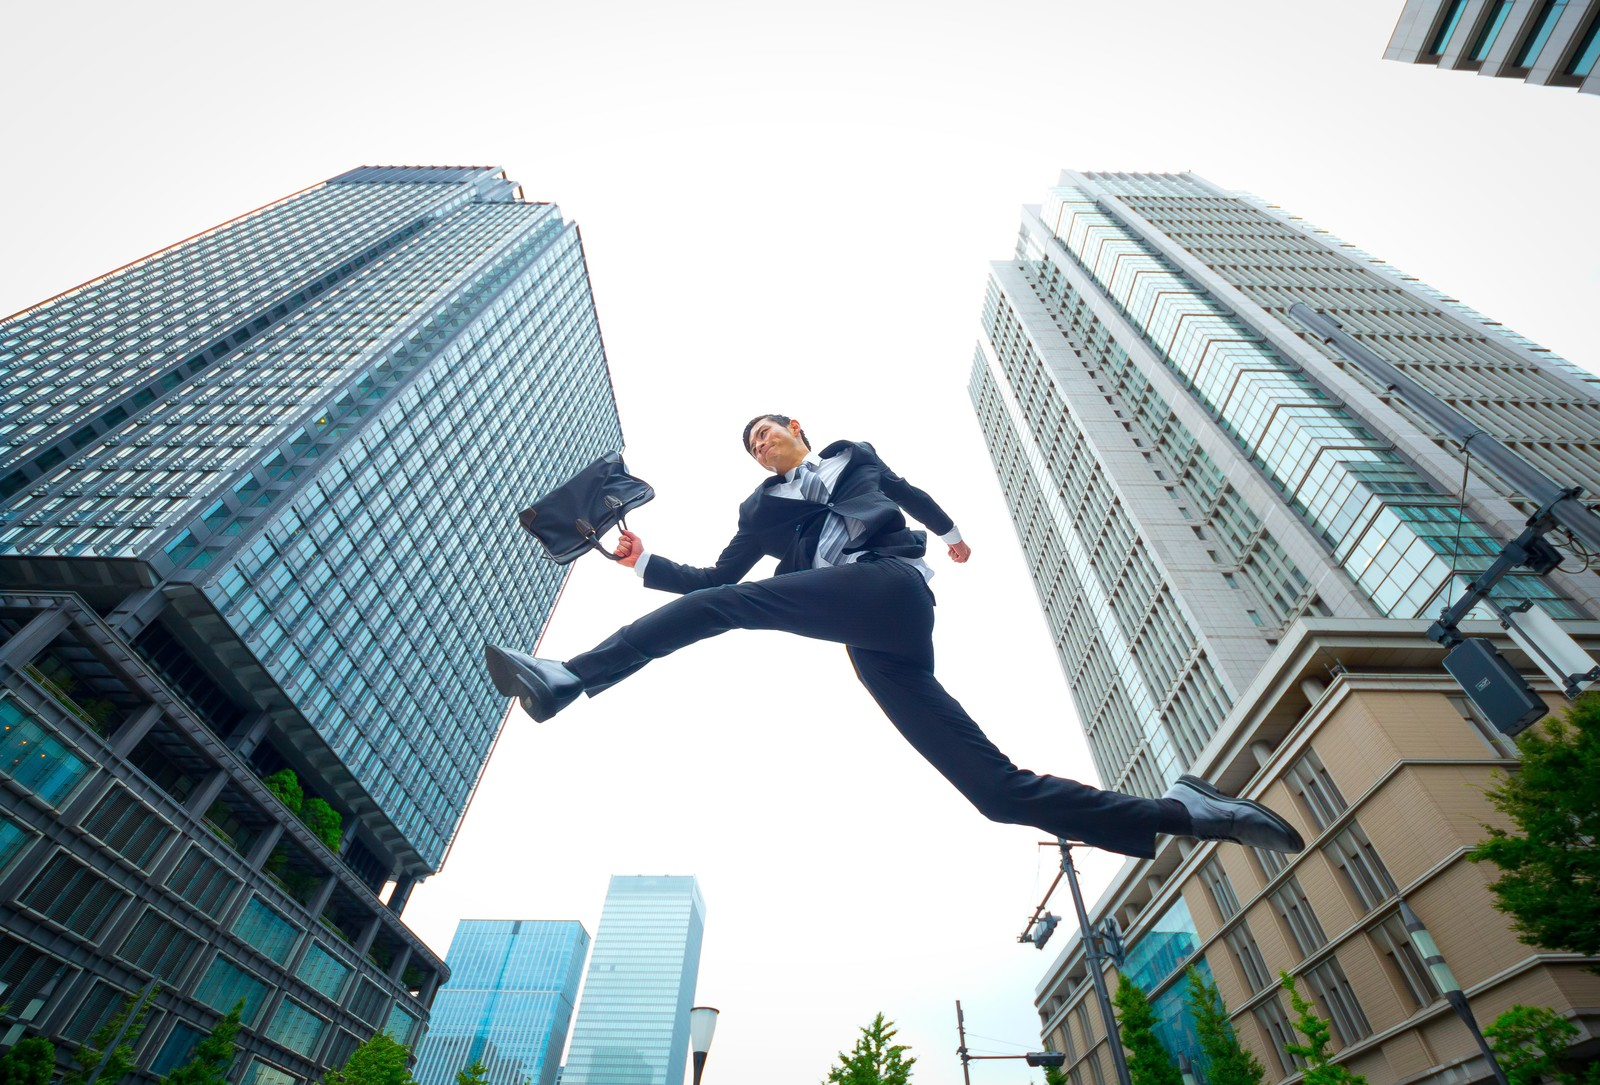 27歳で転職する為に大切なこと。成功させる為の取り組み方とは?